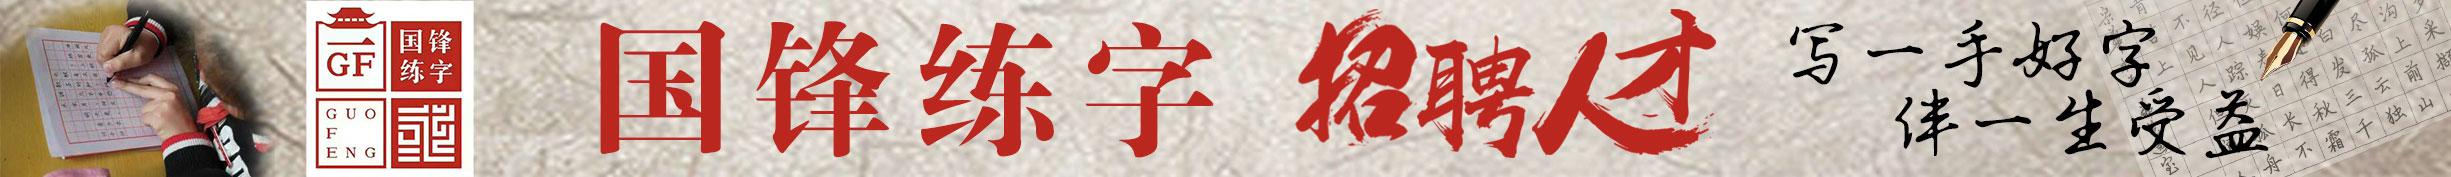 国锋汉字教育